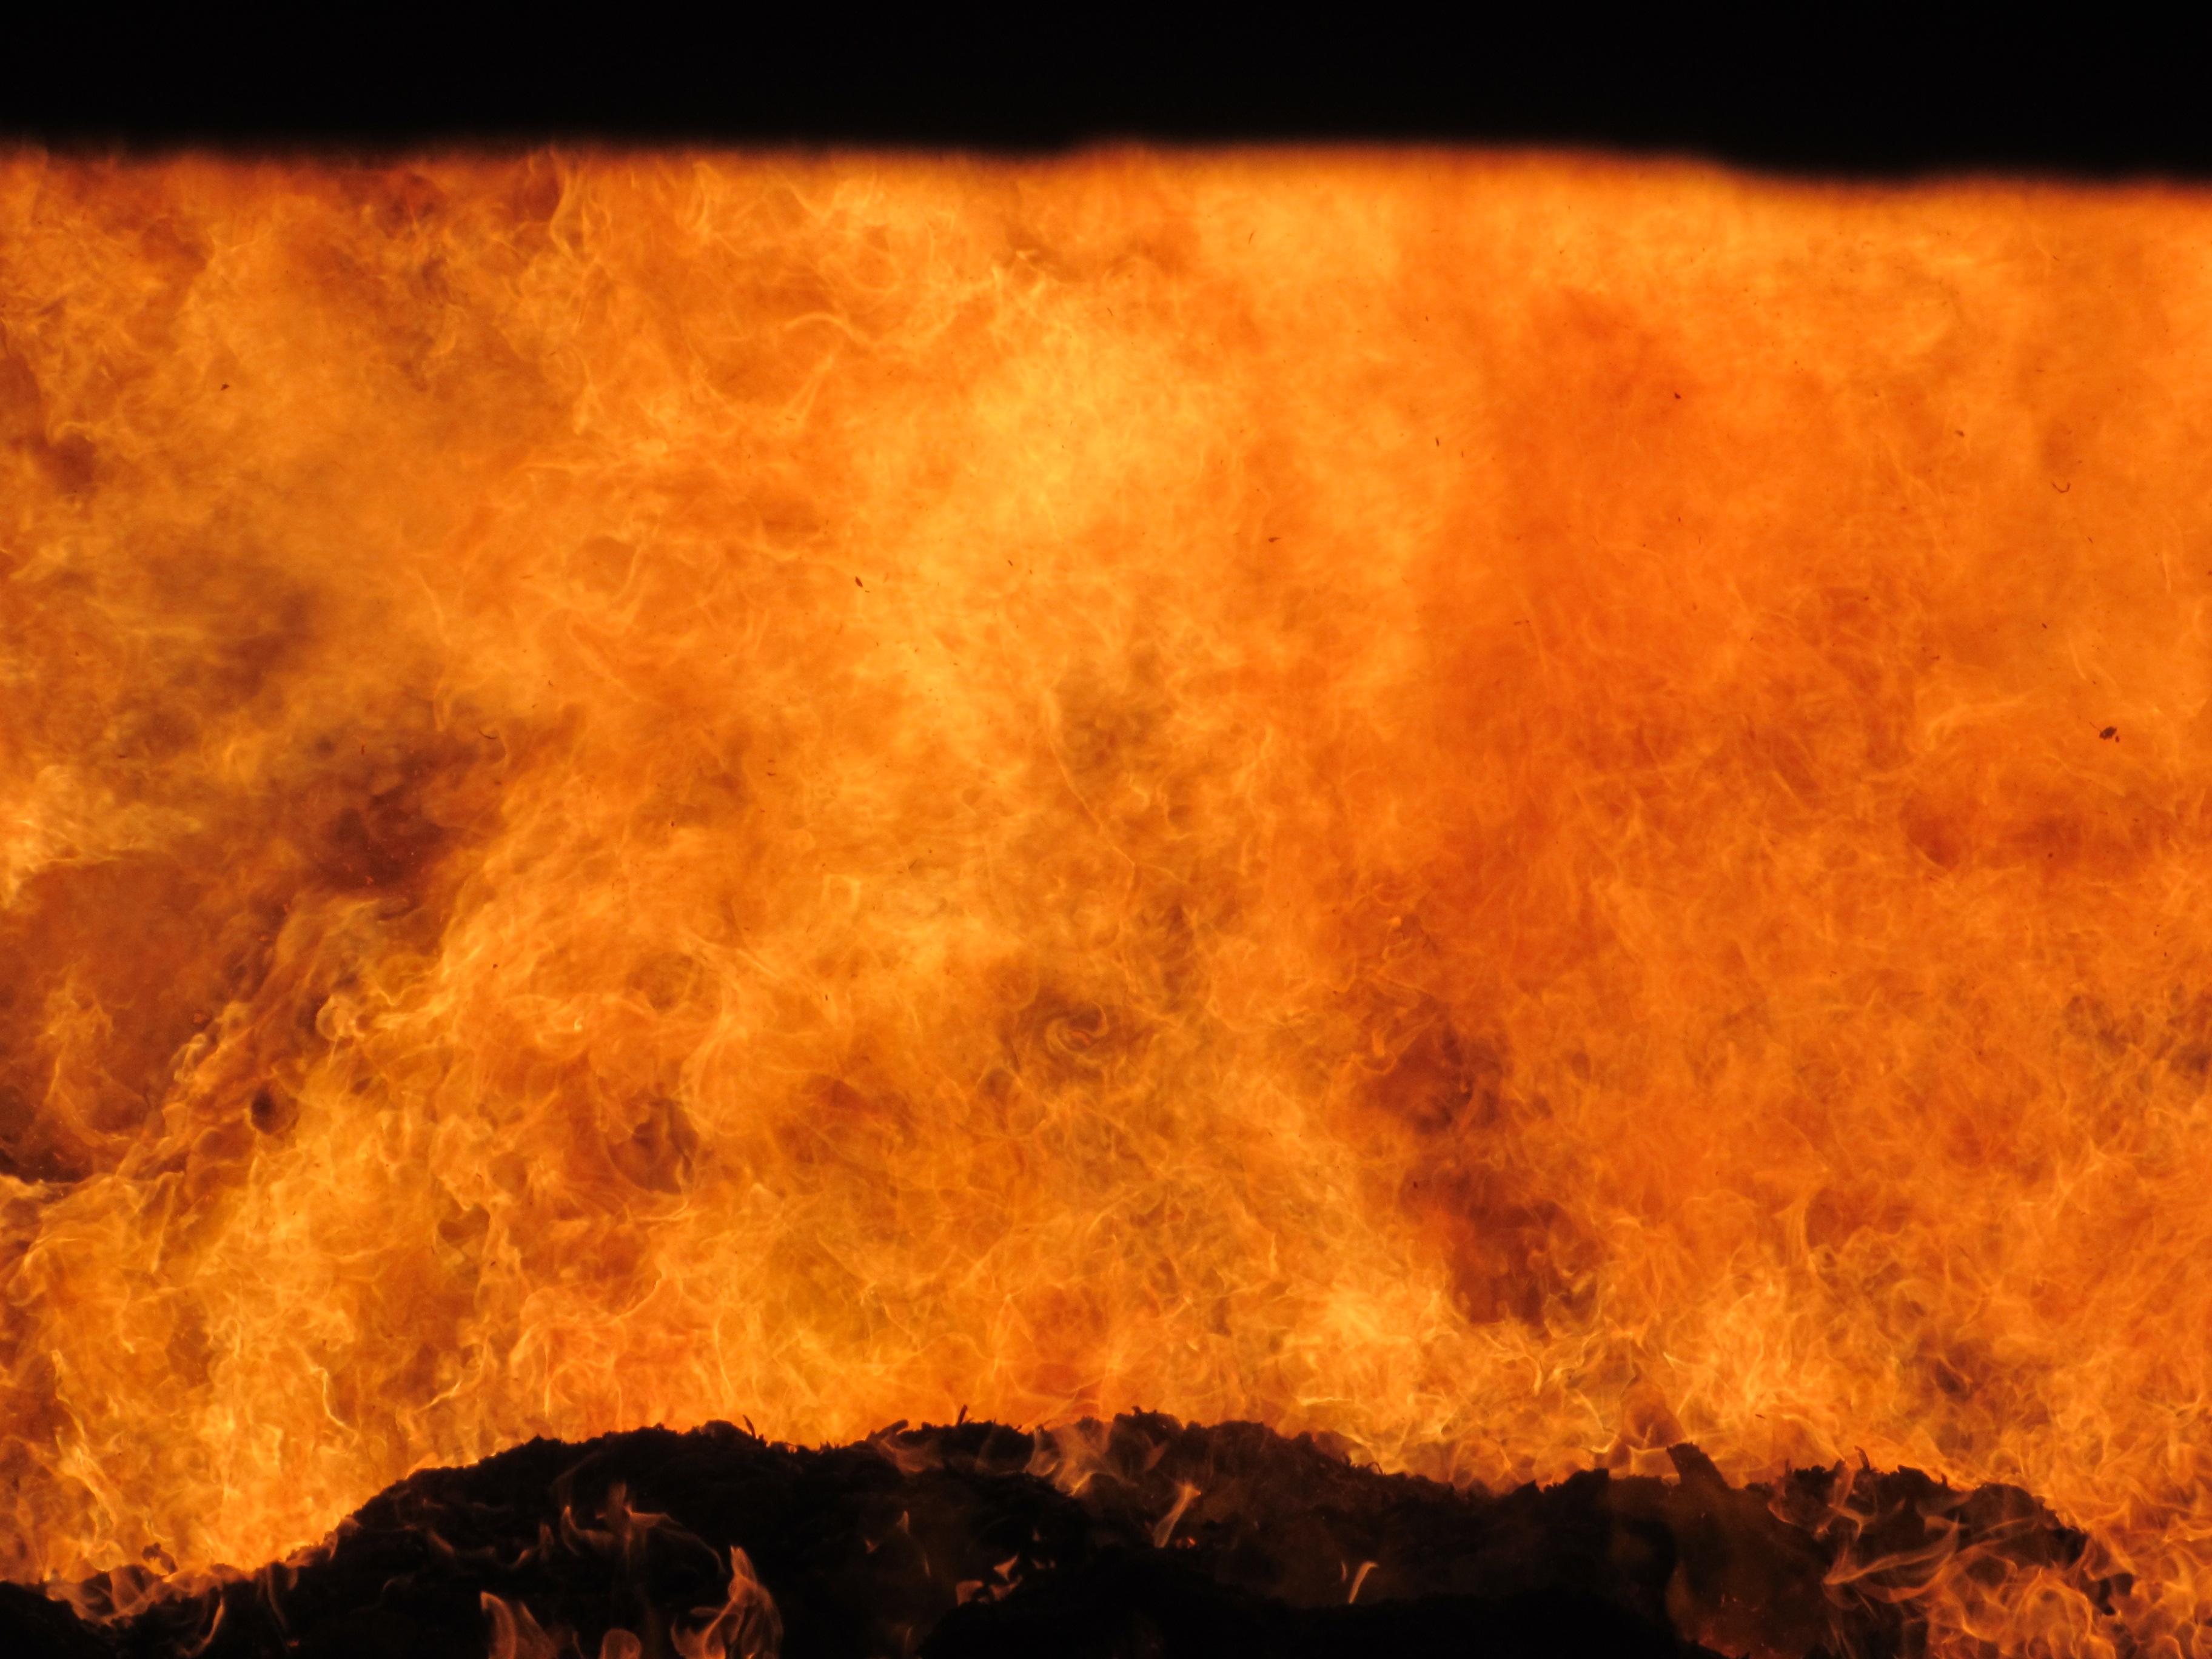 Biomasse Machbarkeitsstudien Für 15 Fernwärmeunternehmen In Serbien